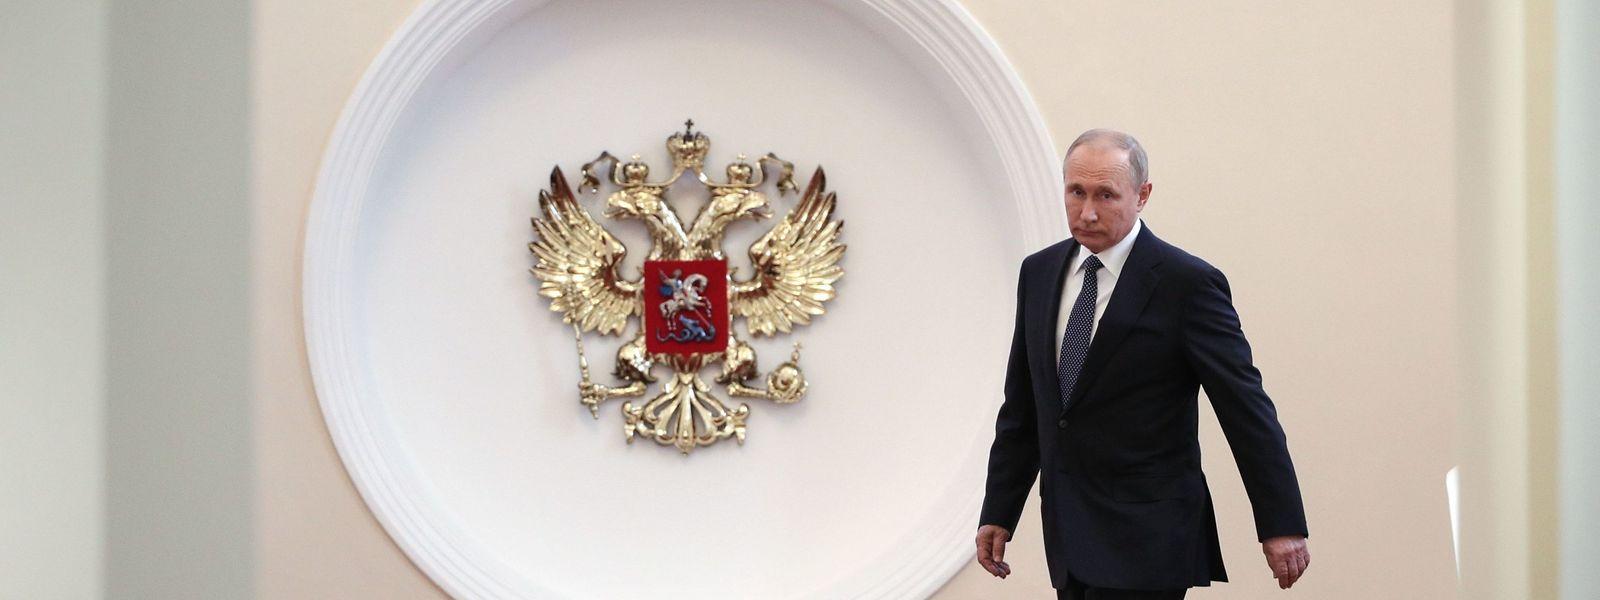 Die beherrschende Frage über Putins neuer Amtszeit ist aber: Was kommt danach? Laut Verfassung muss er 2024 abtreten, er wird dann 71 sein.